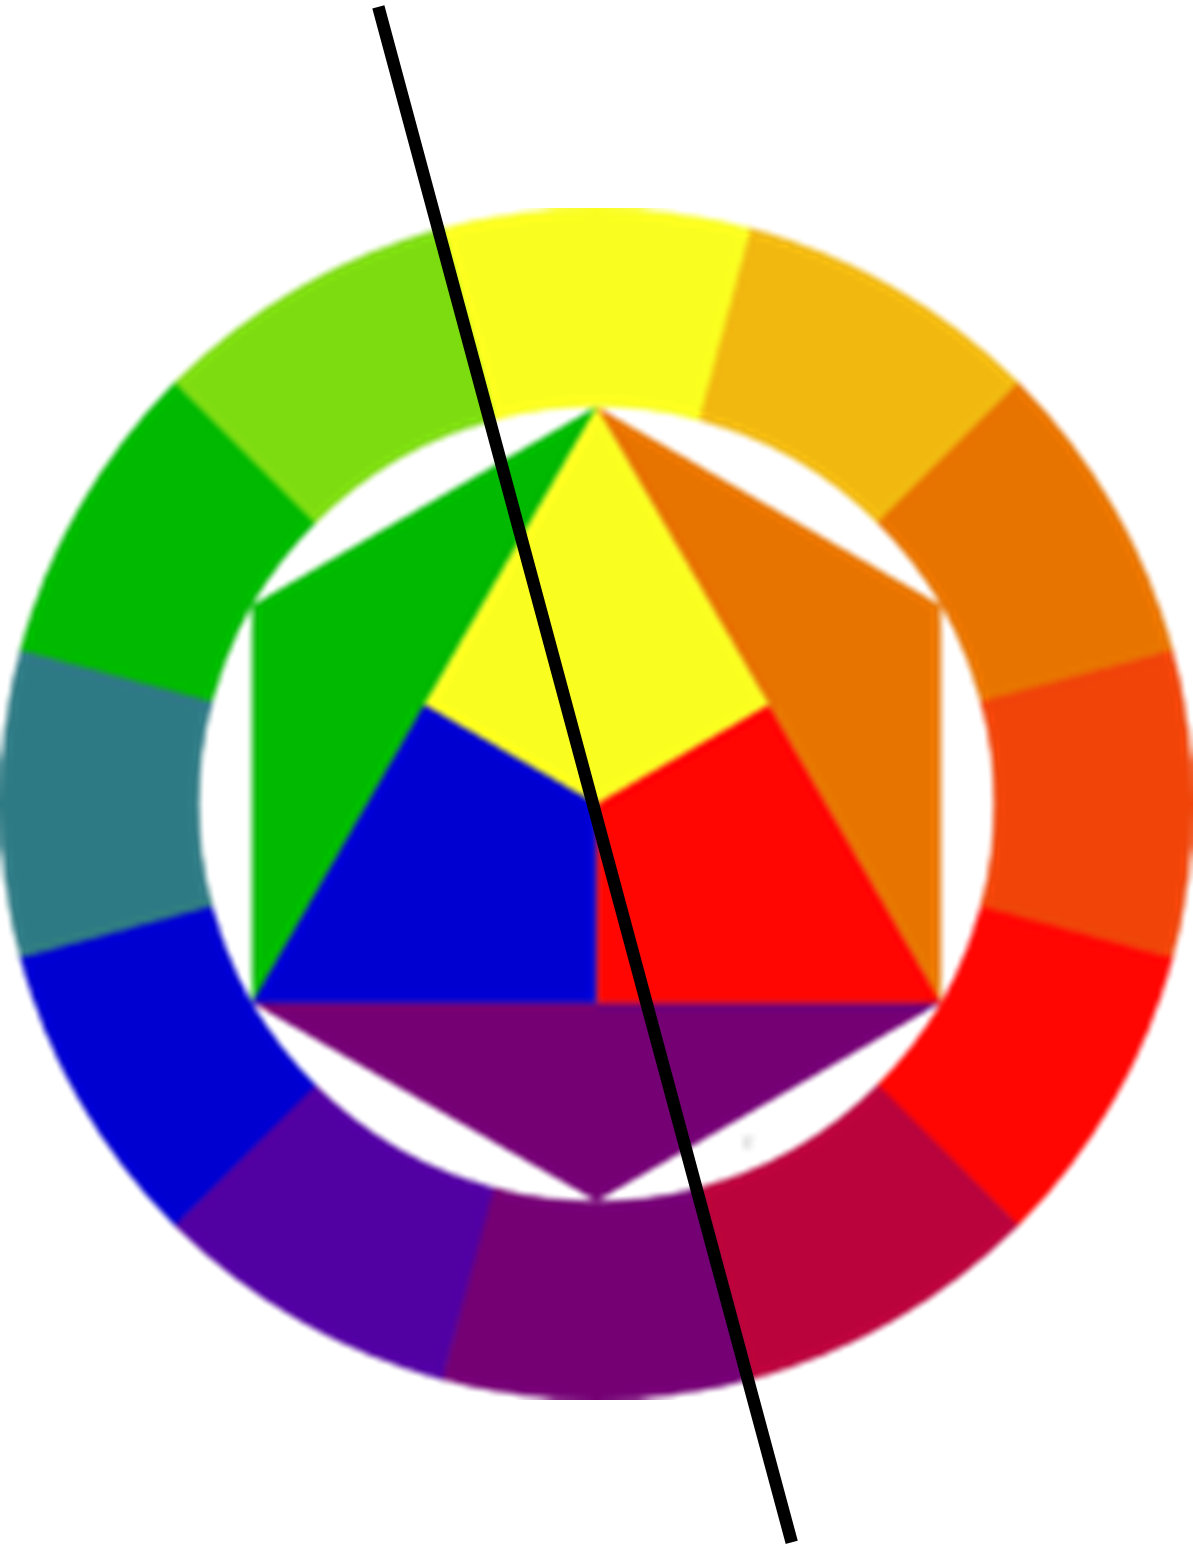 Molto colori caldi e freddi bambini wq04 pineglen for Disegni a colori caldi